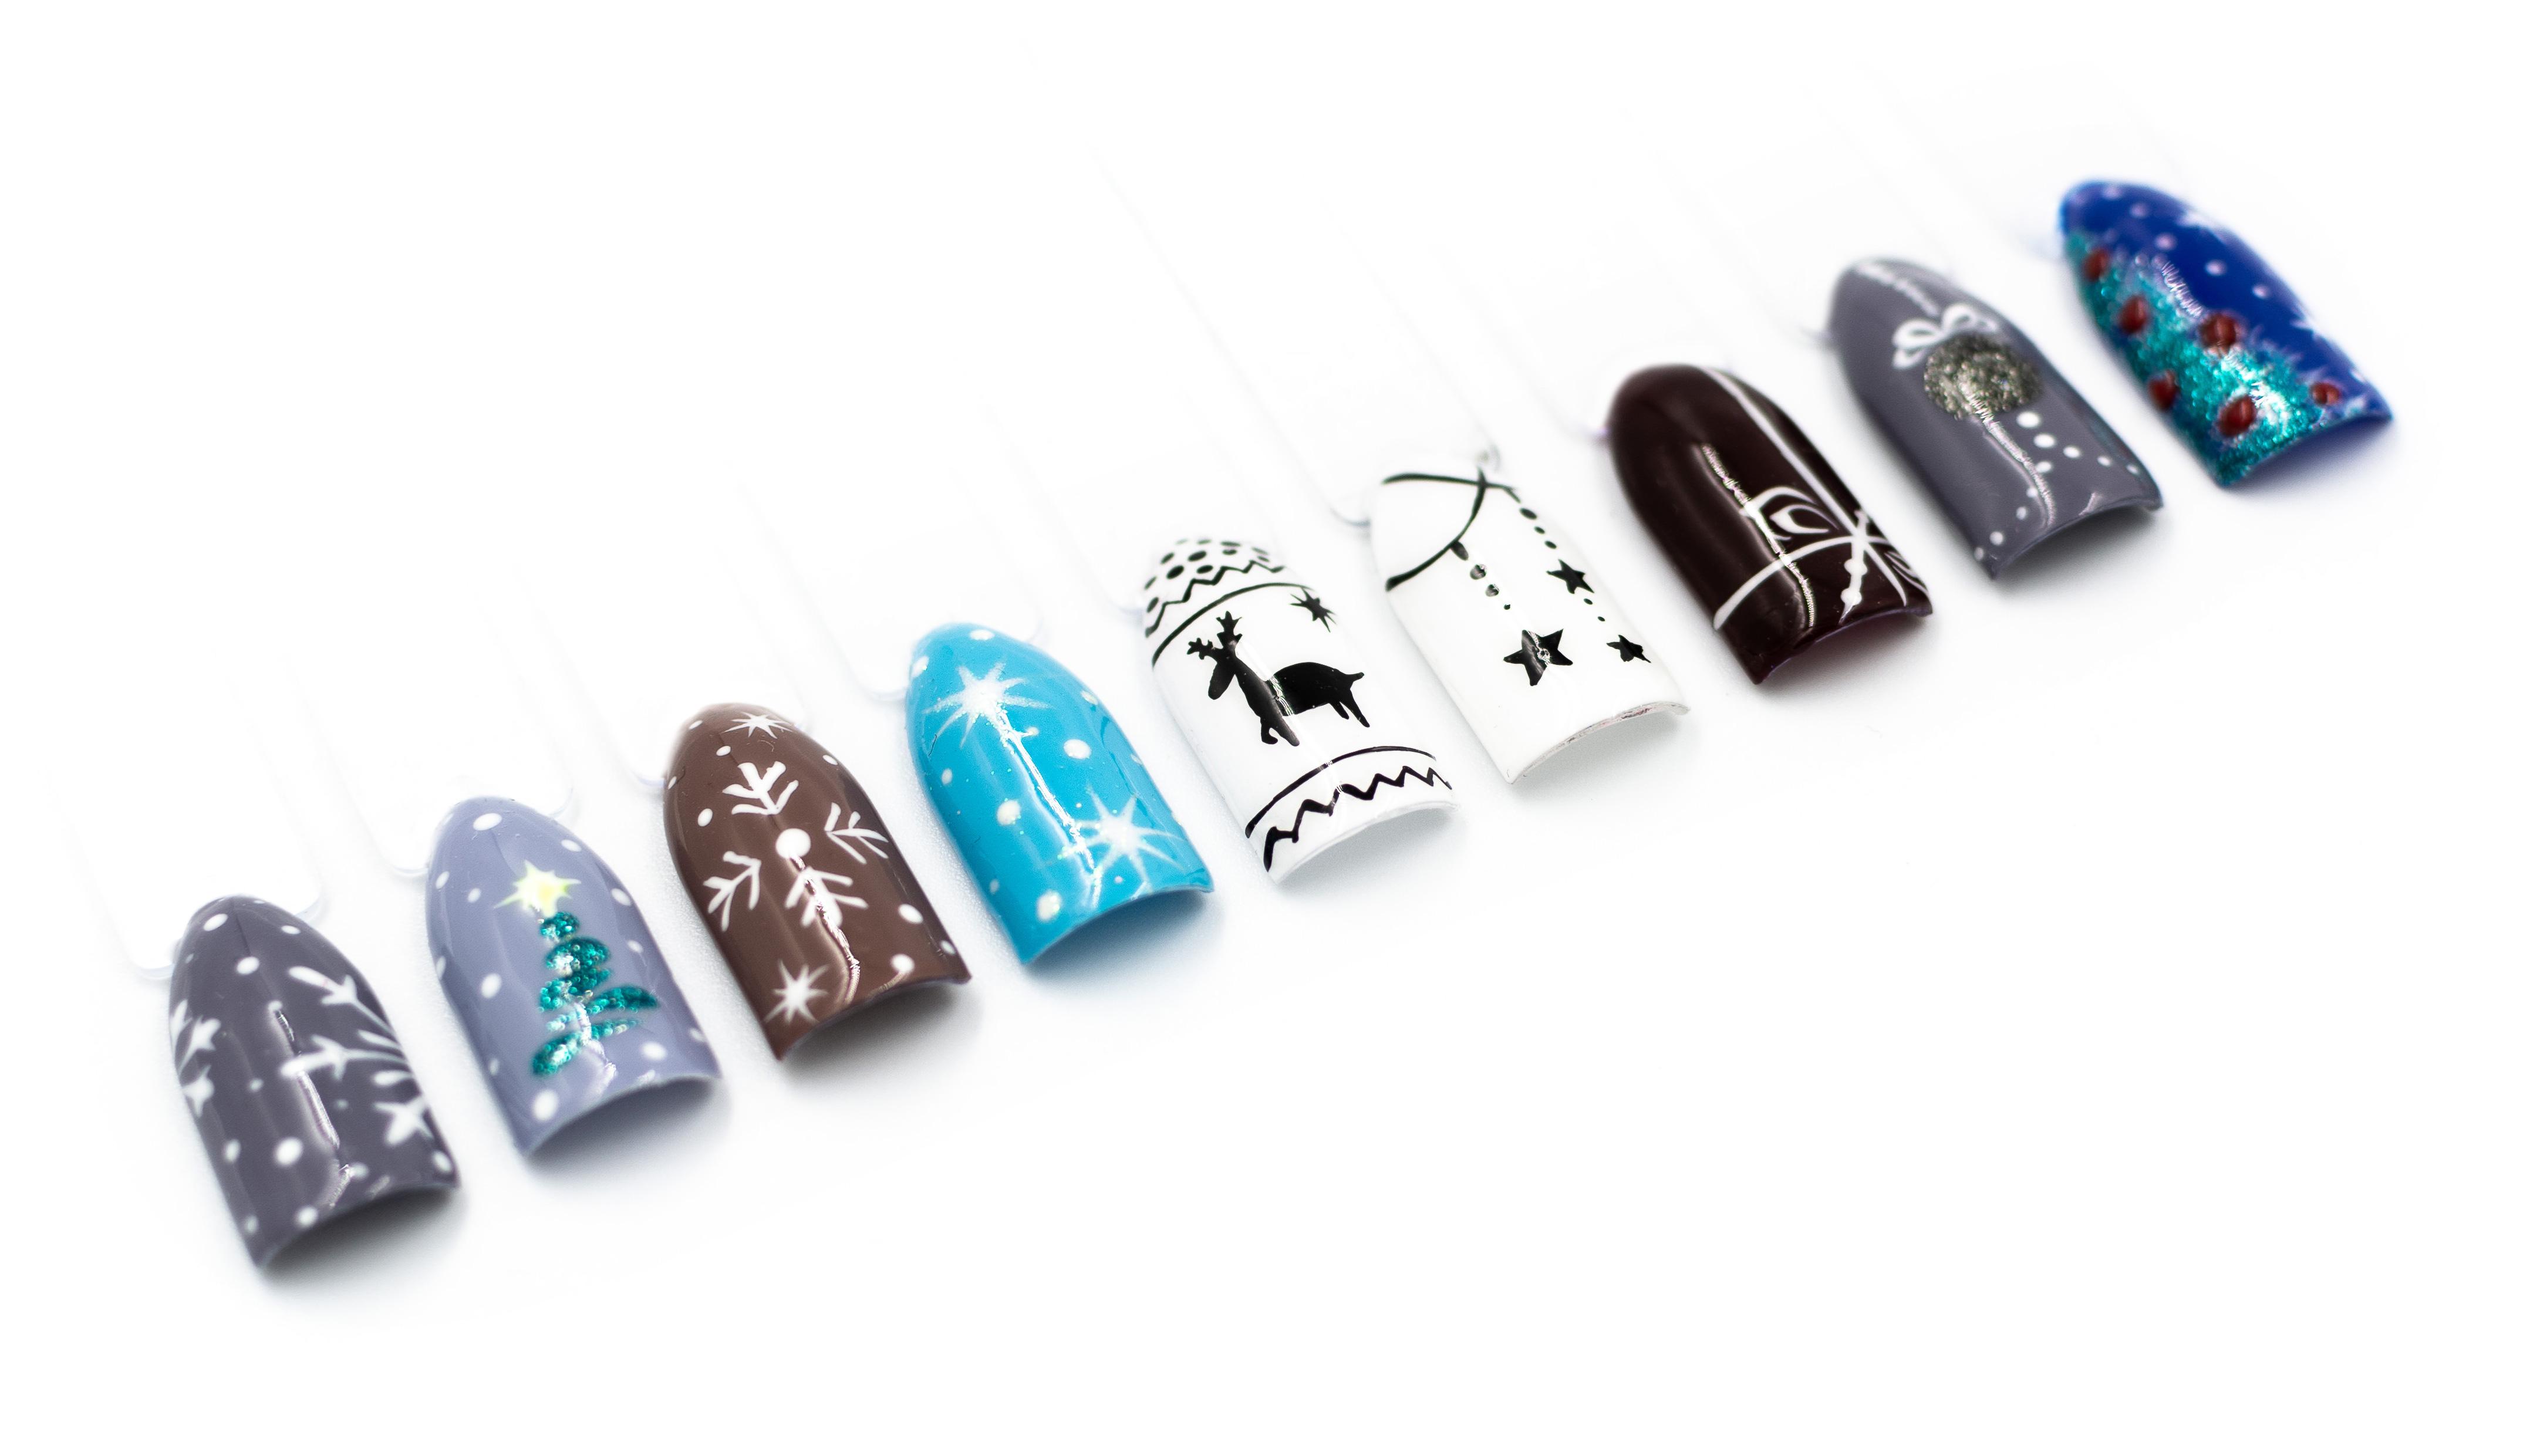 zdobnictwo paznokci Gliwice